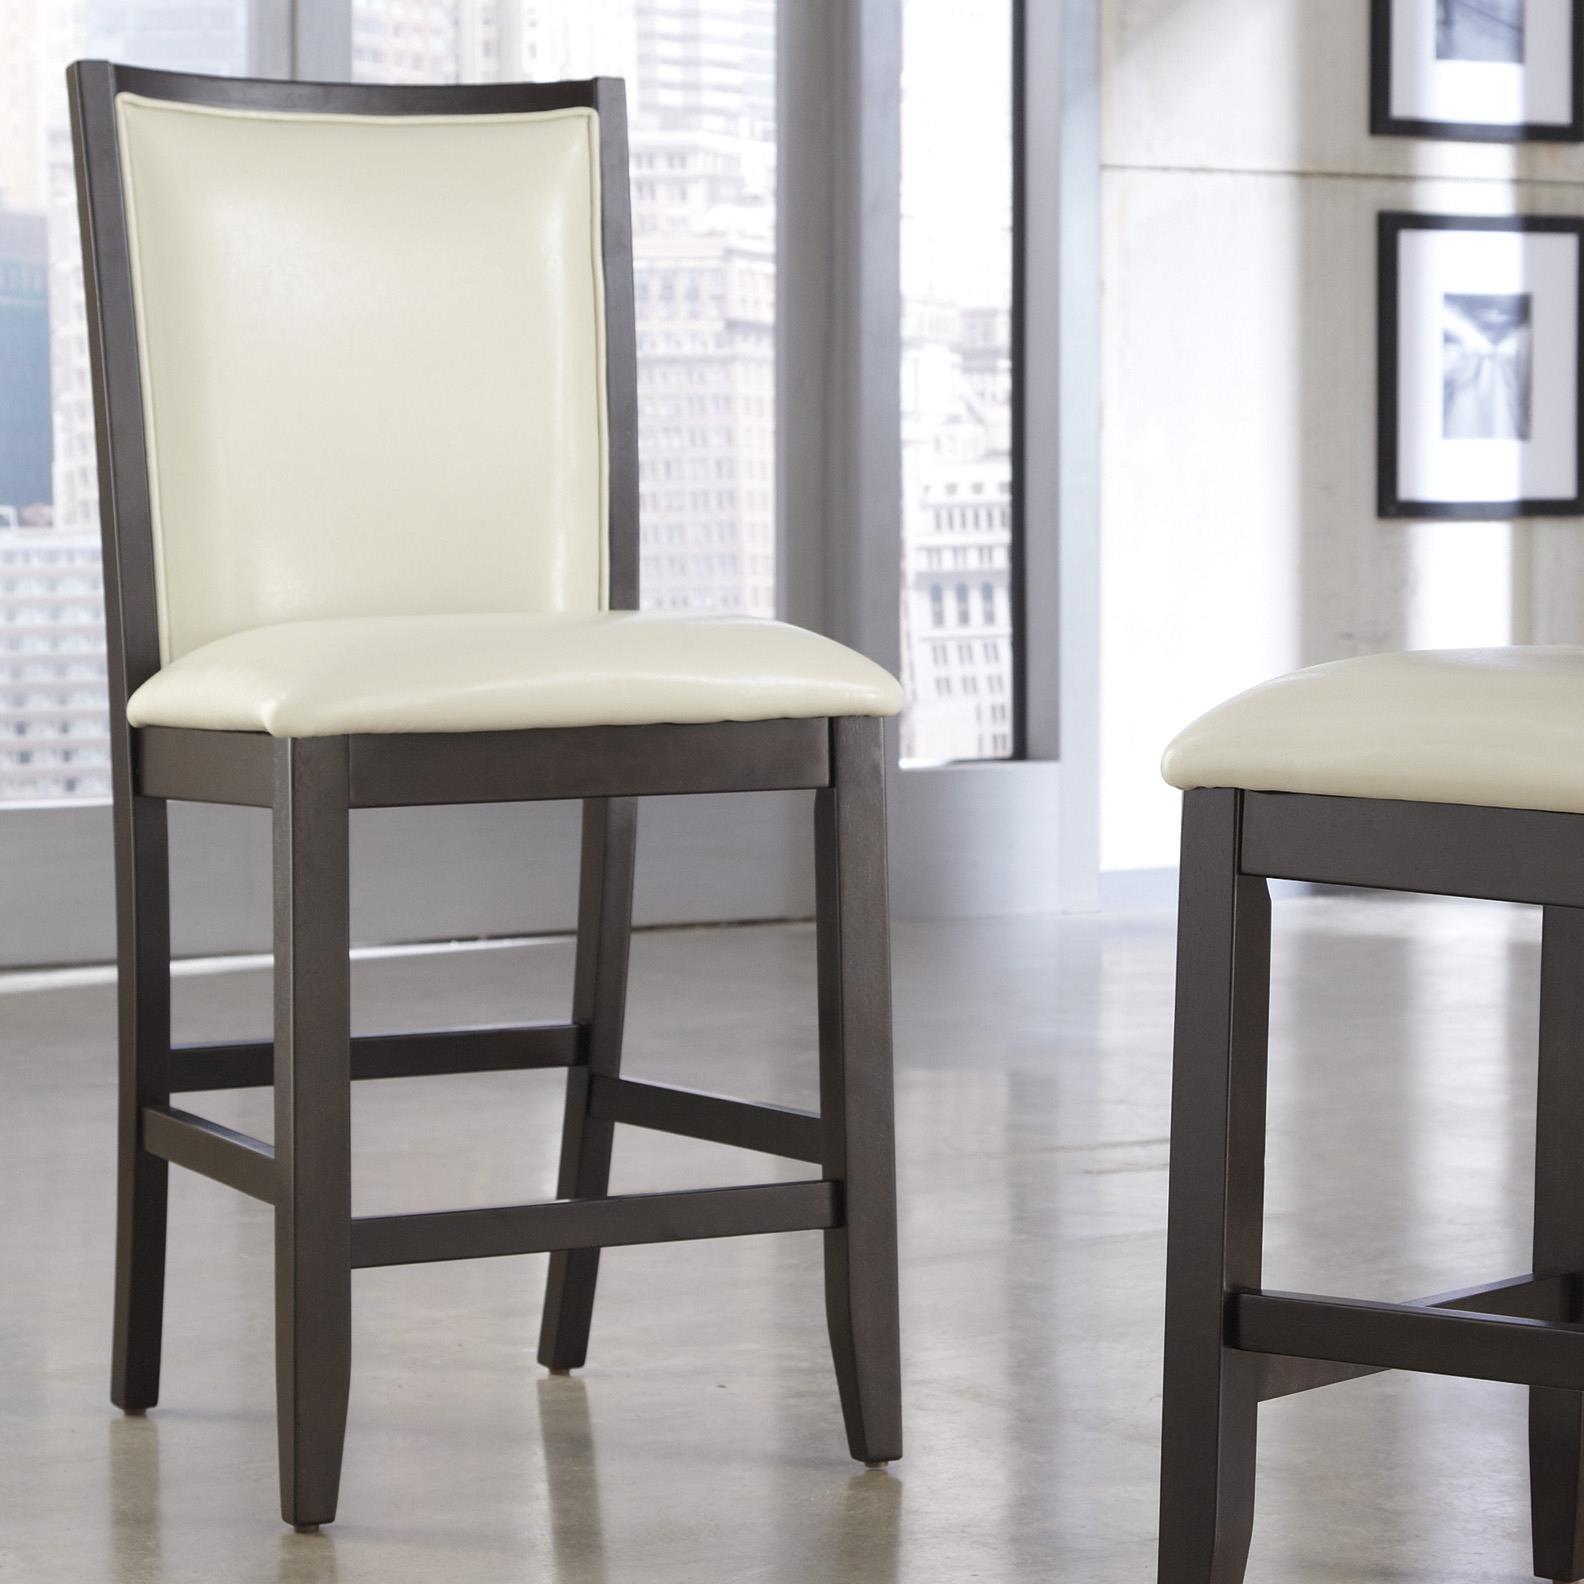 Ashley Furniture Trishelle Upholstered Barstool - Item Number: D550-324